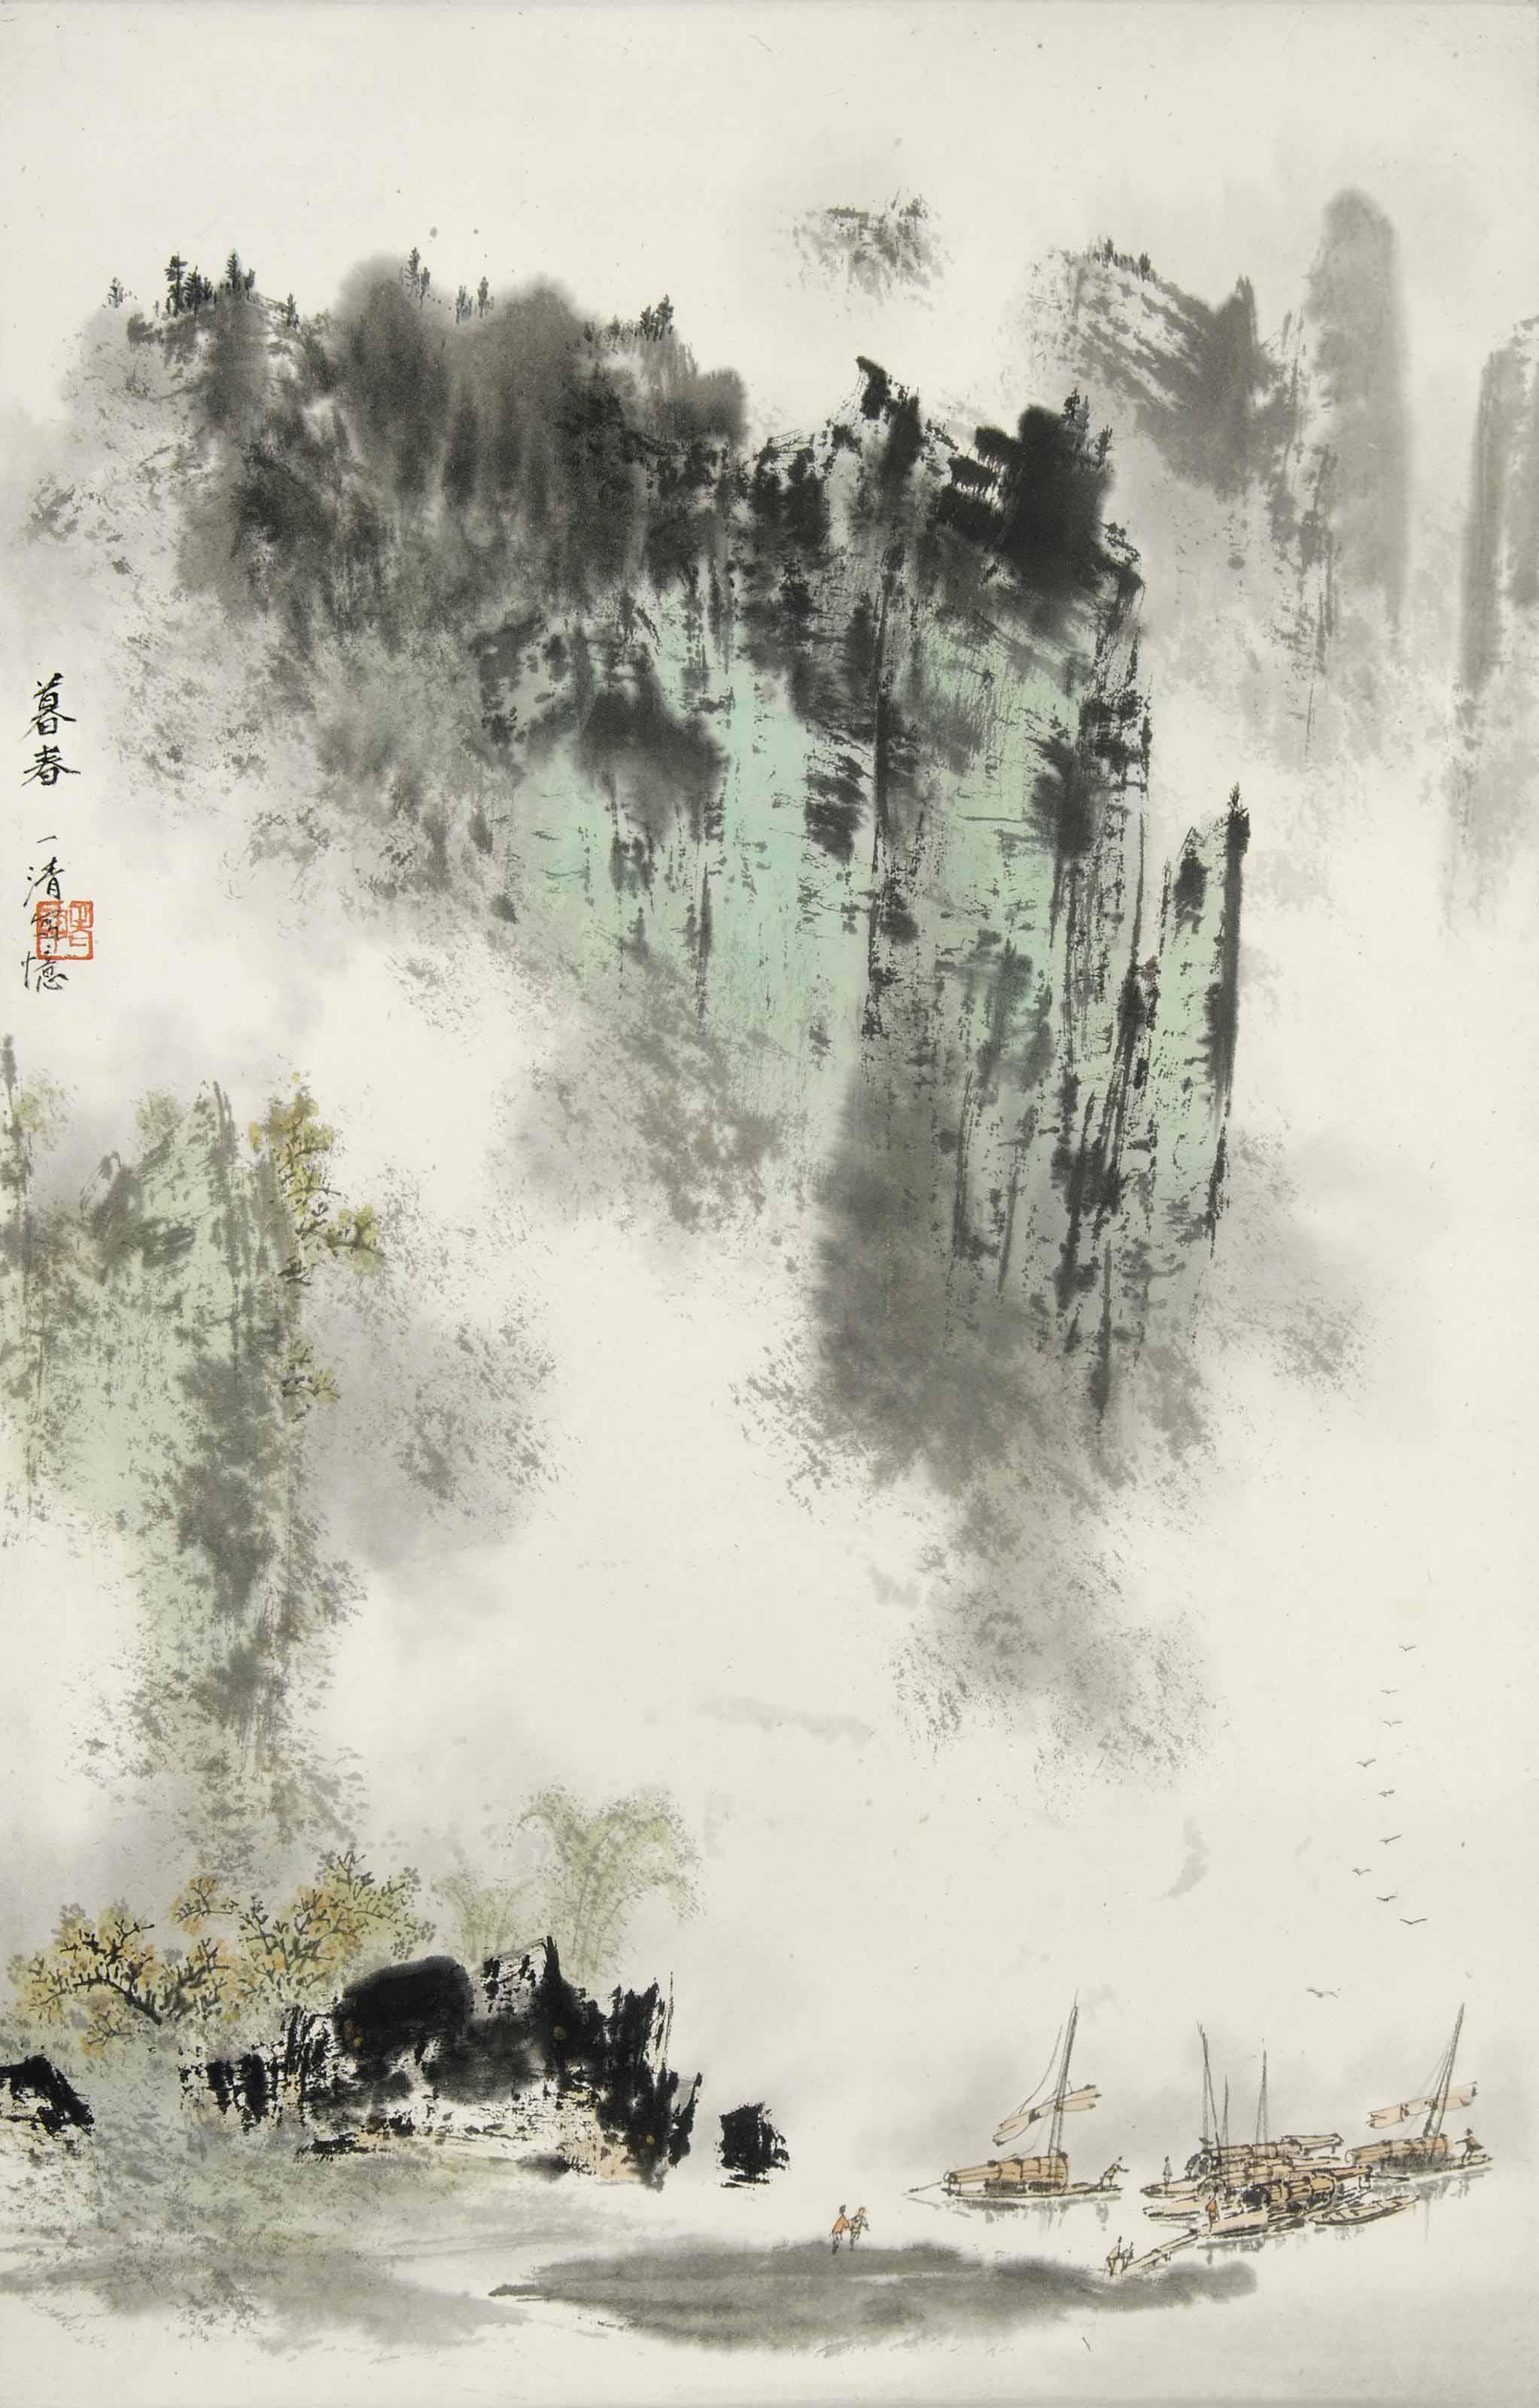 TAO YIQING (1914-1986)